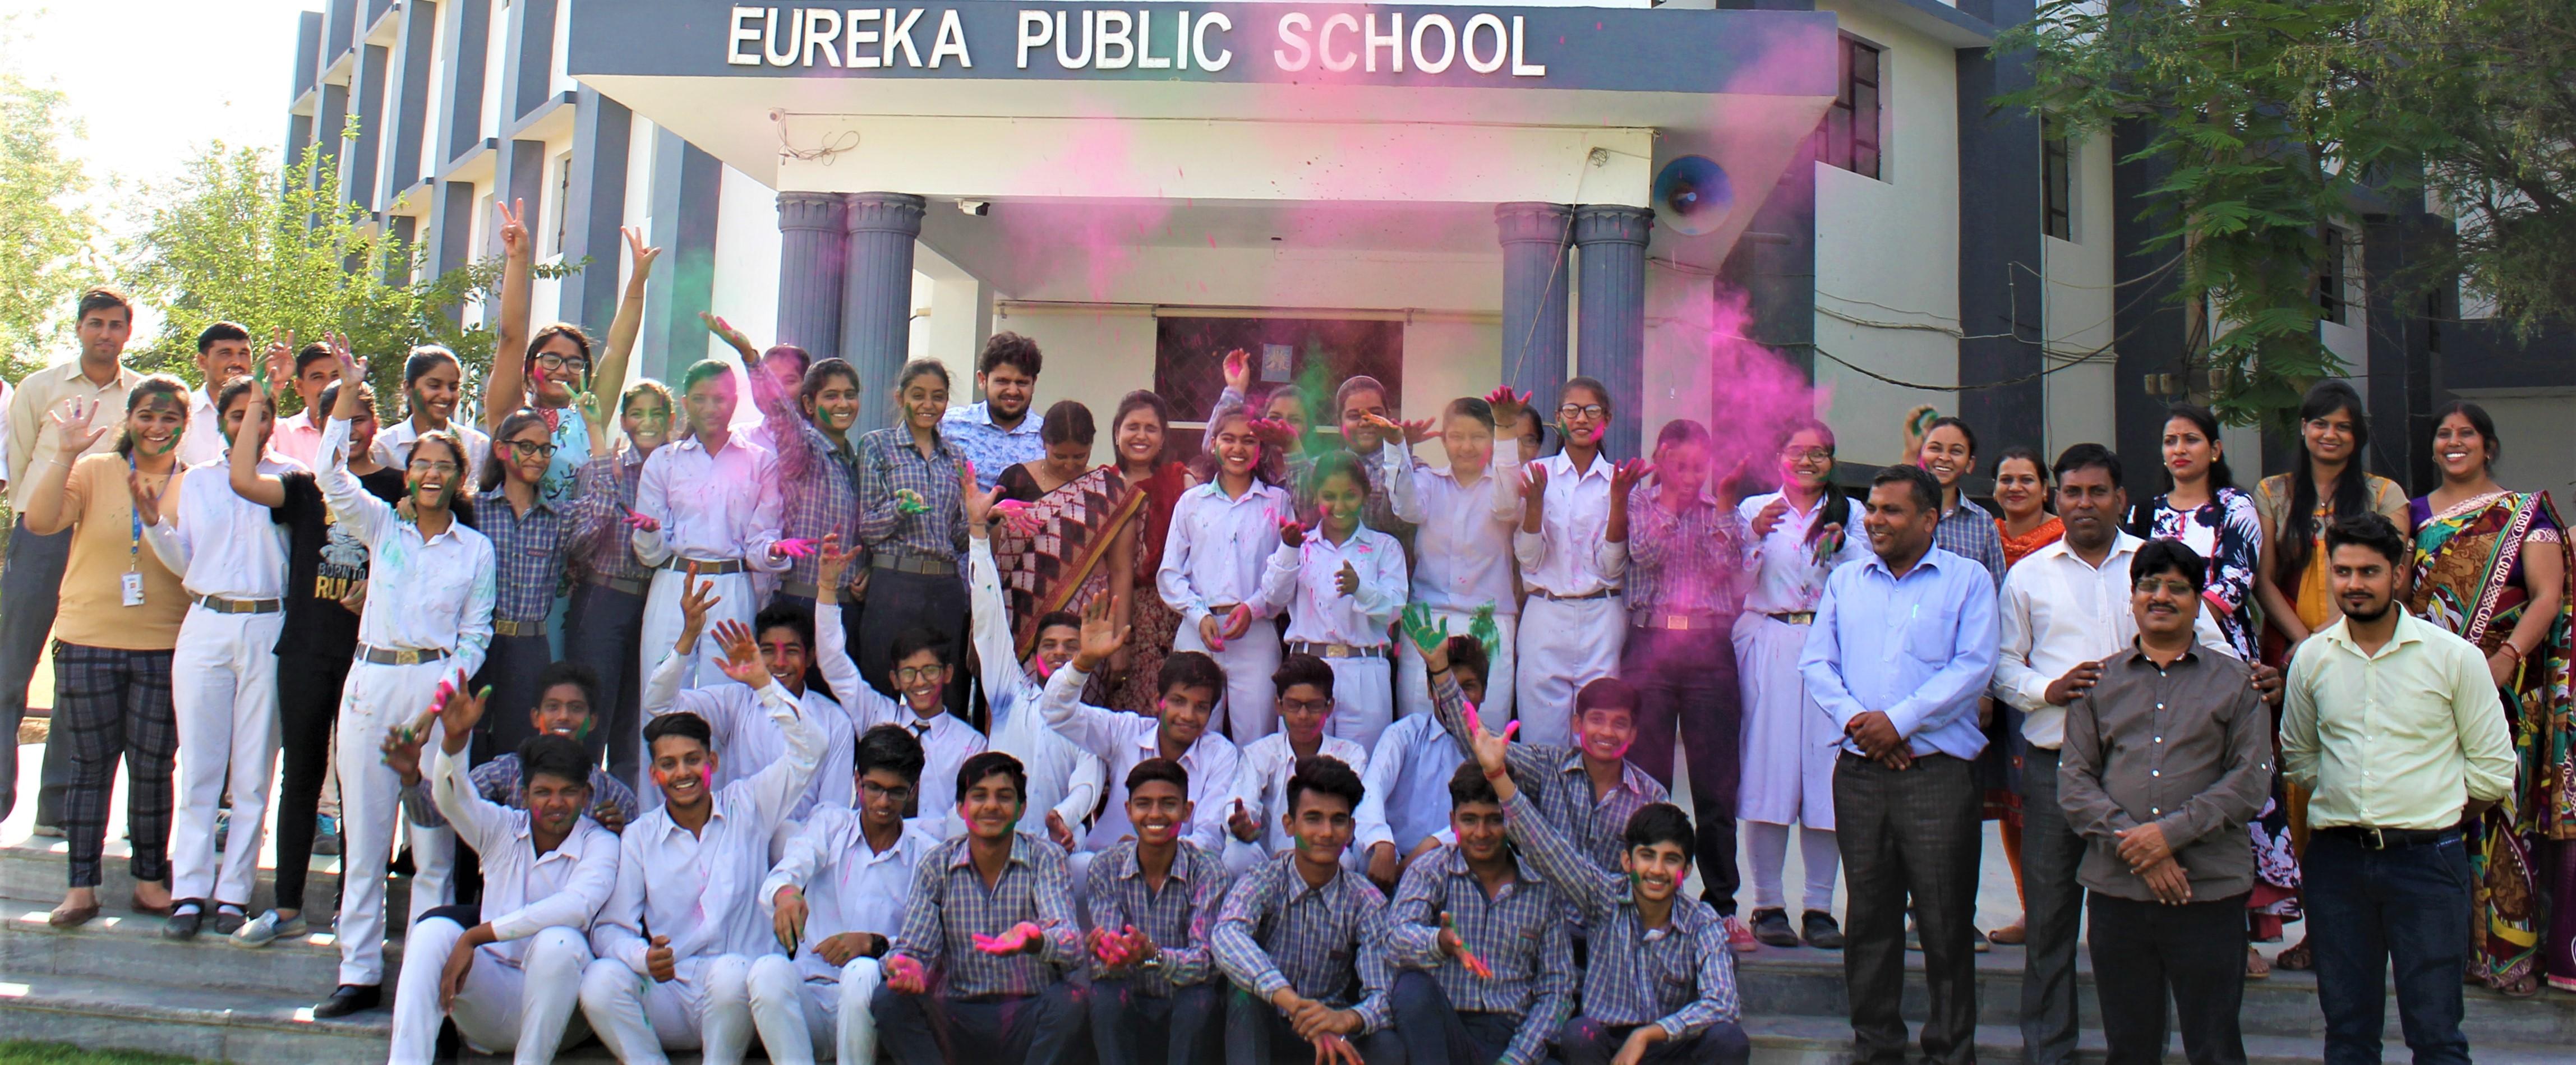 Eureka Public School